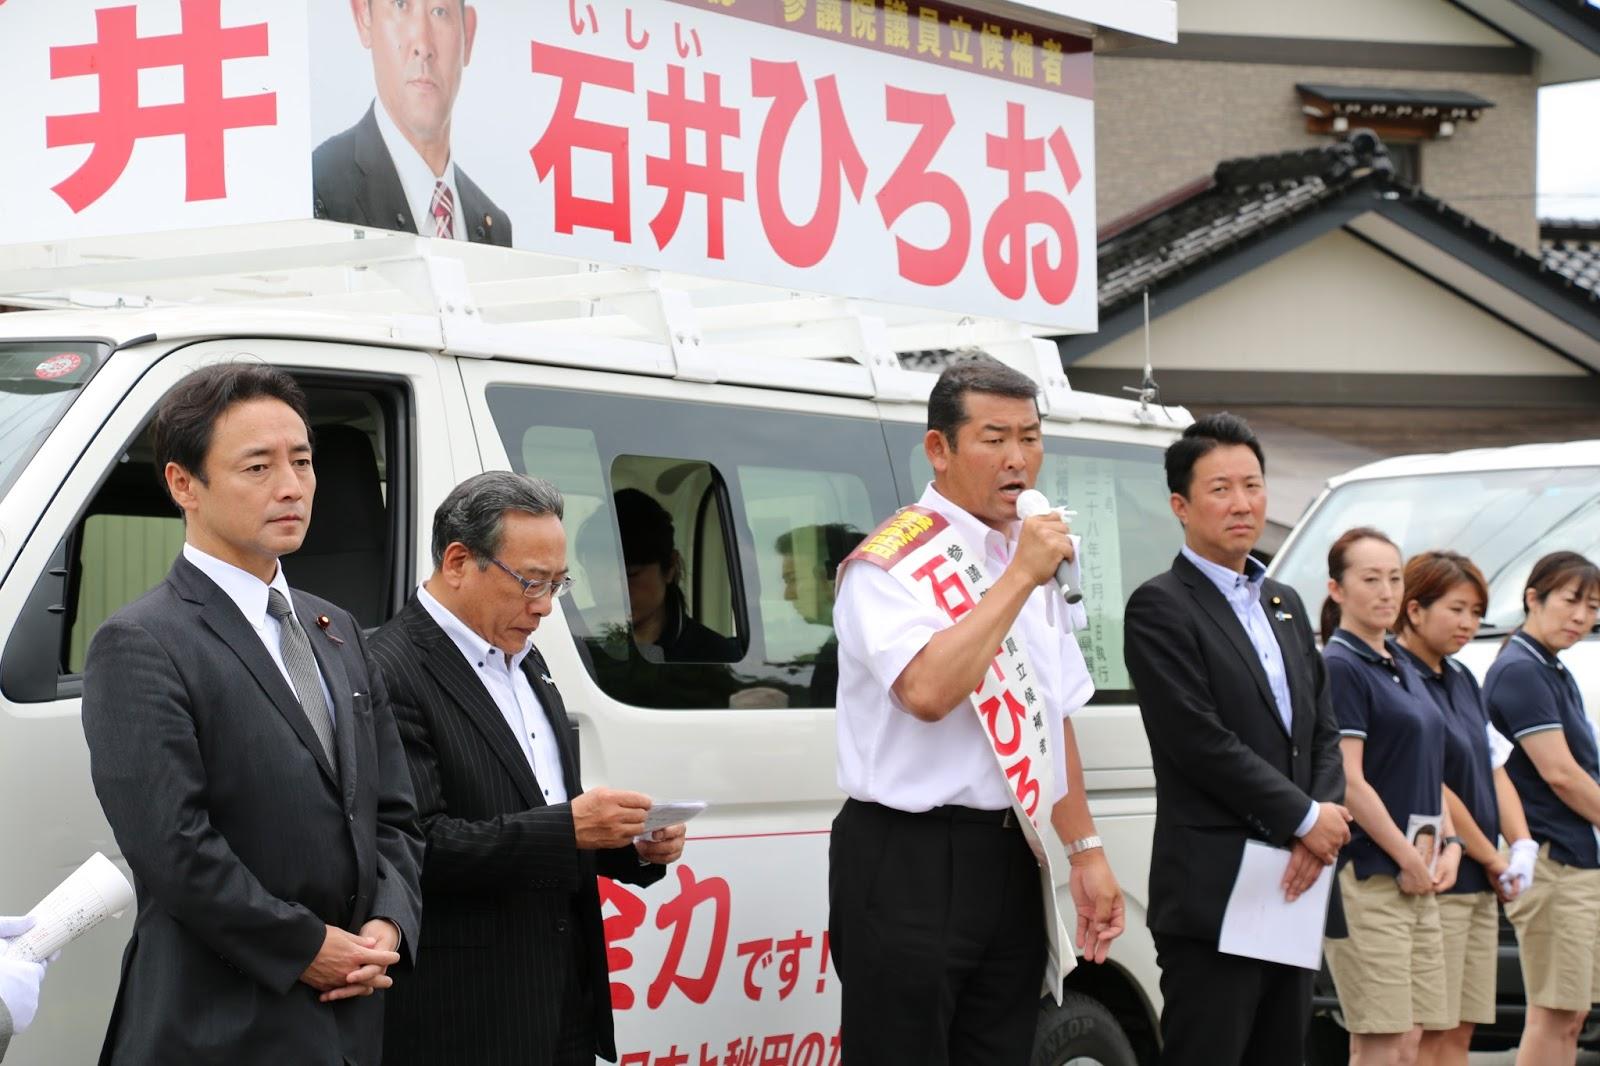 議員 後藤田